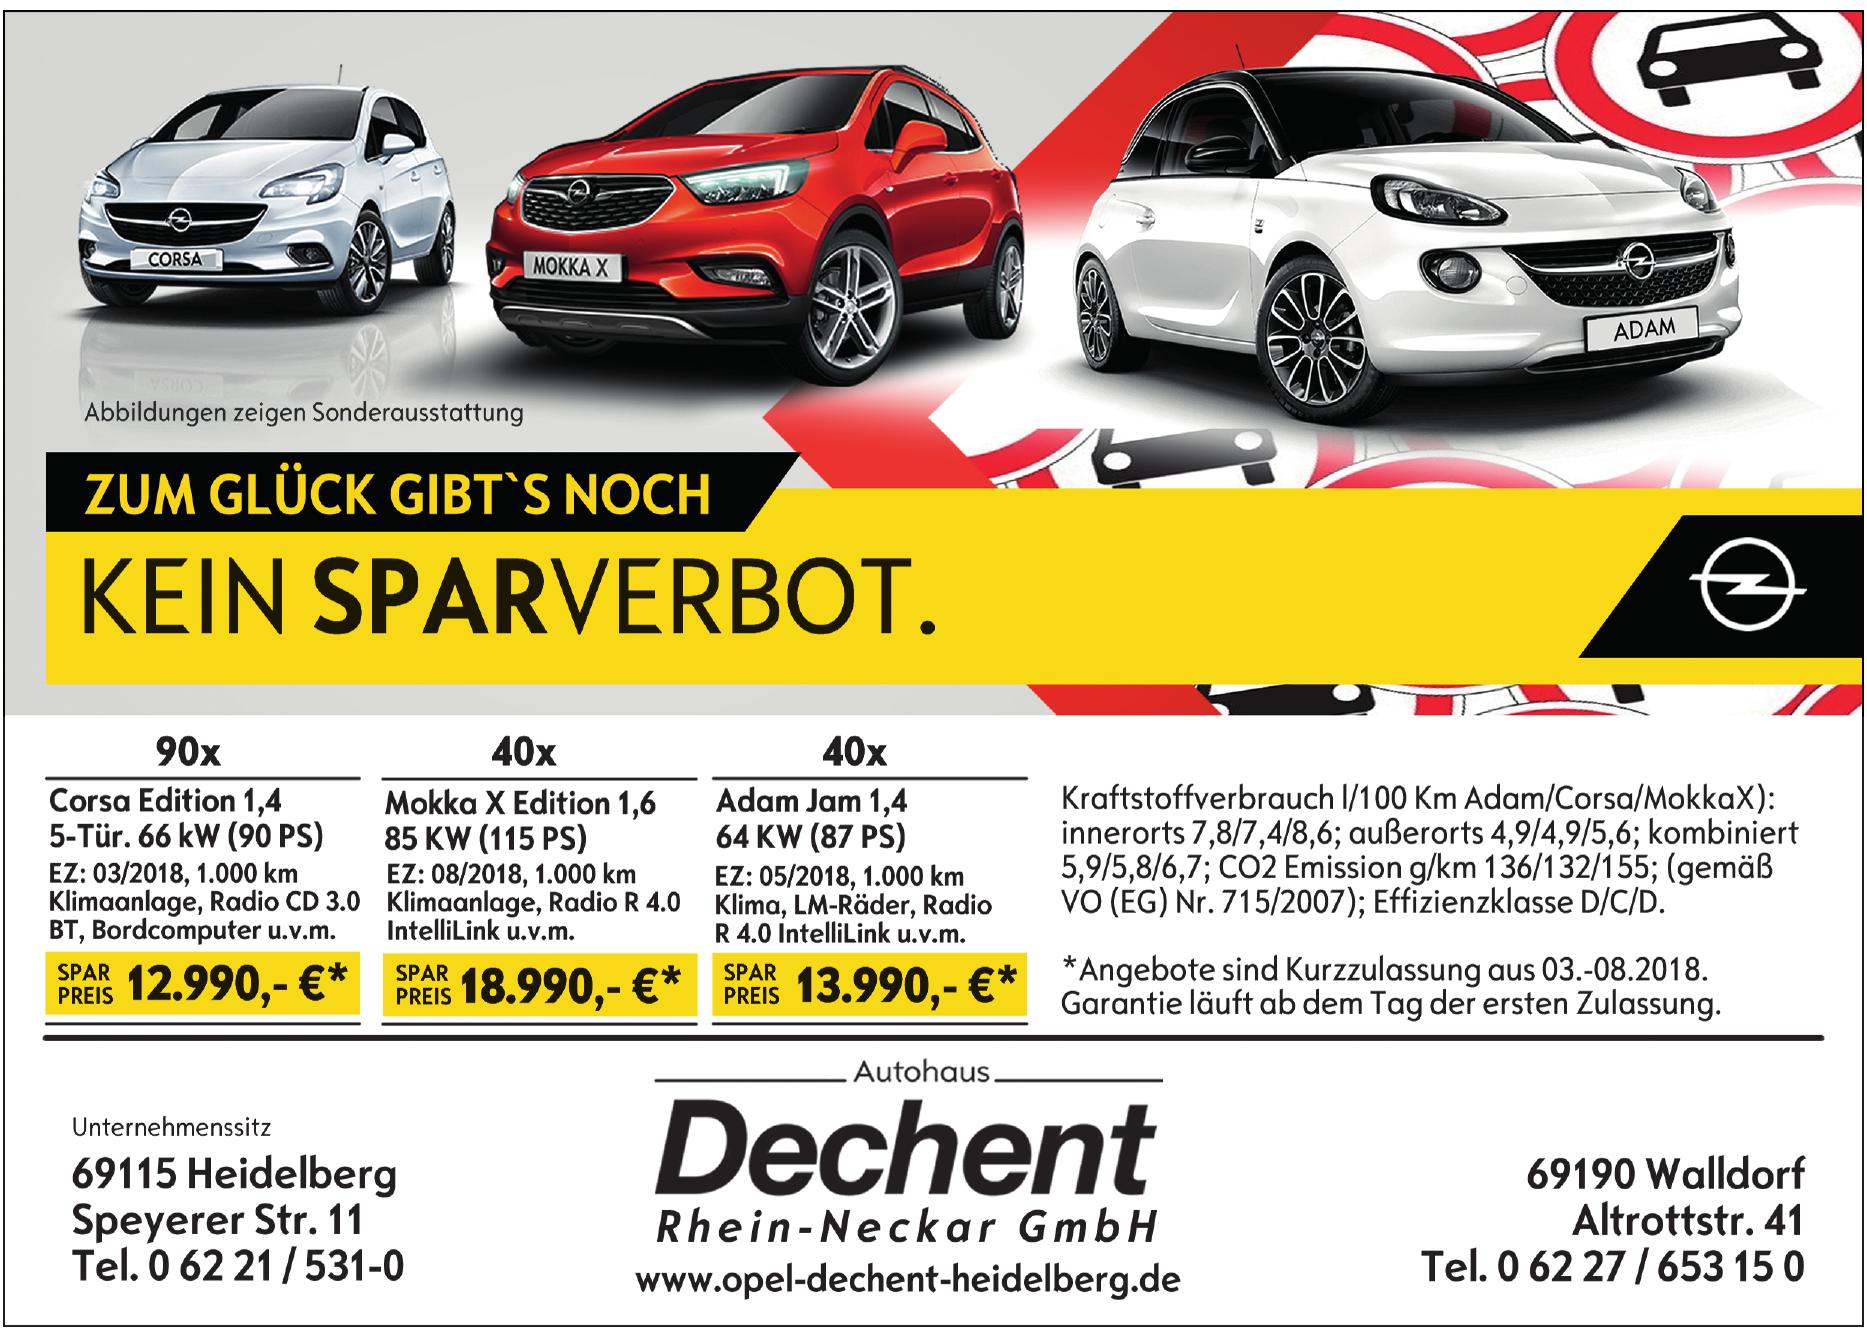 Dechent-Neckar GmbH